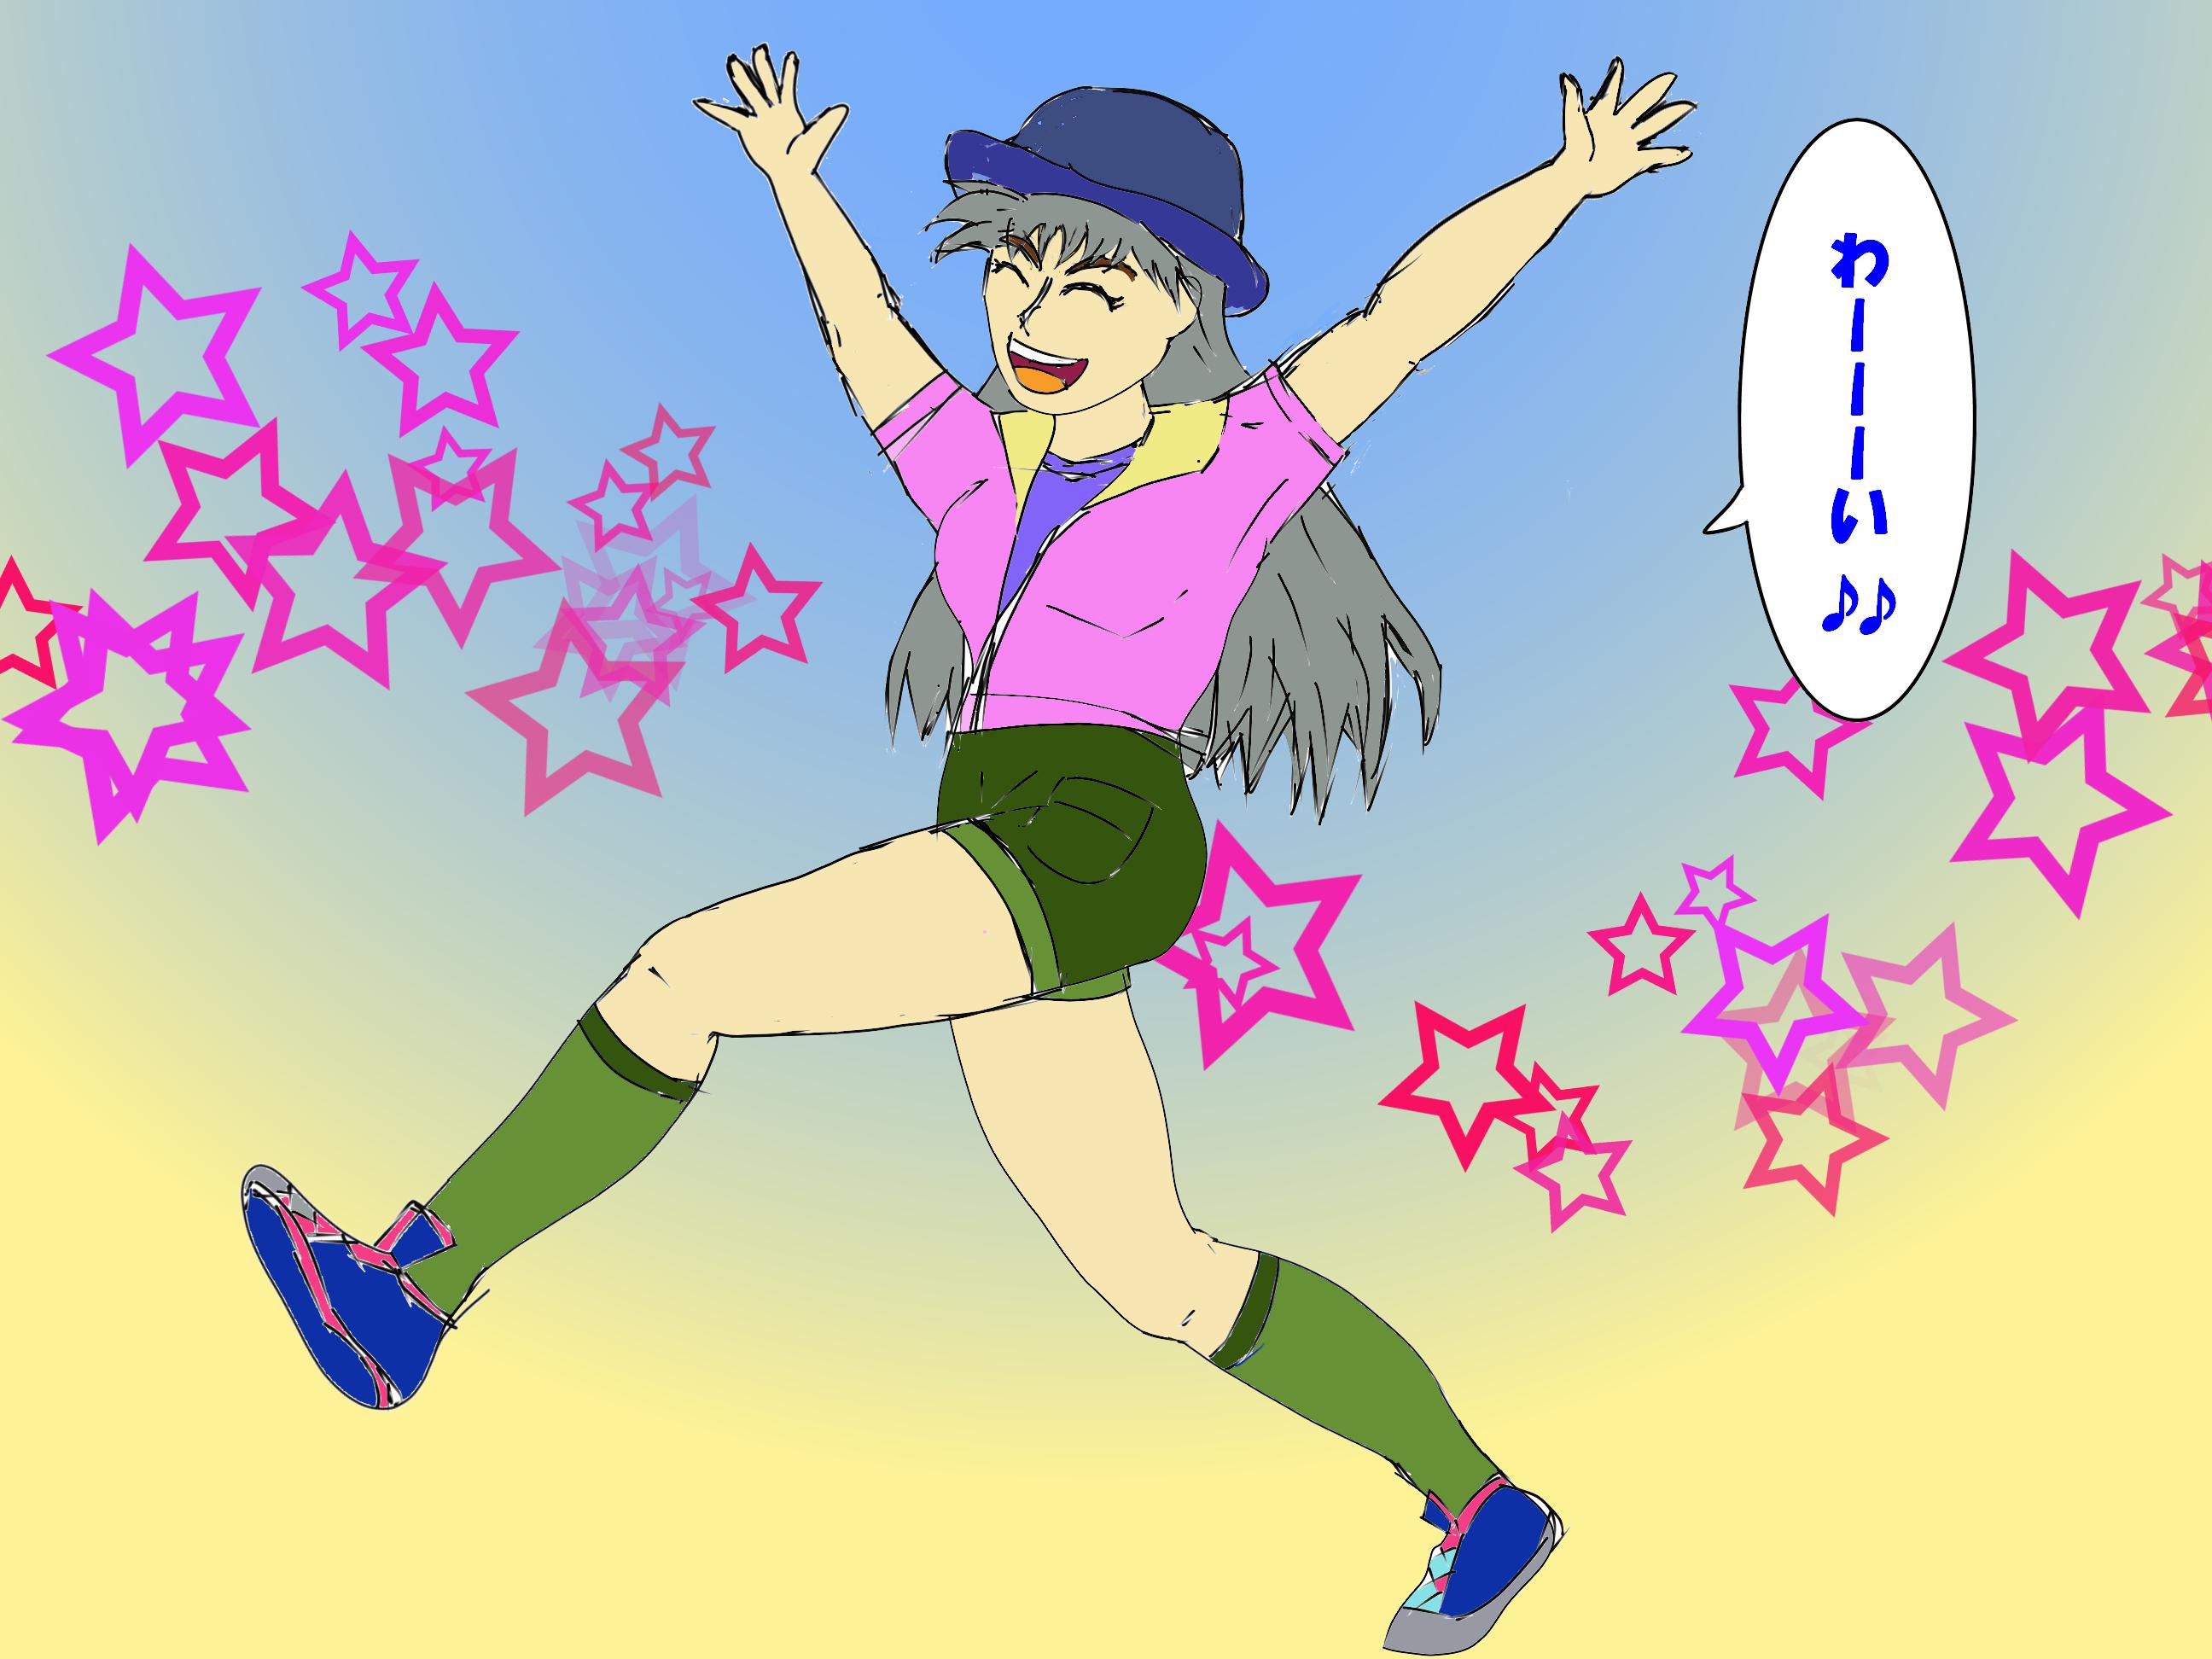 わーーーい♪ 星 背景 宮沢